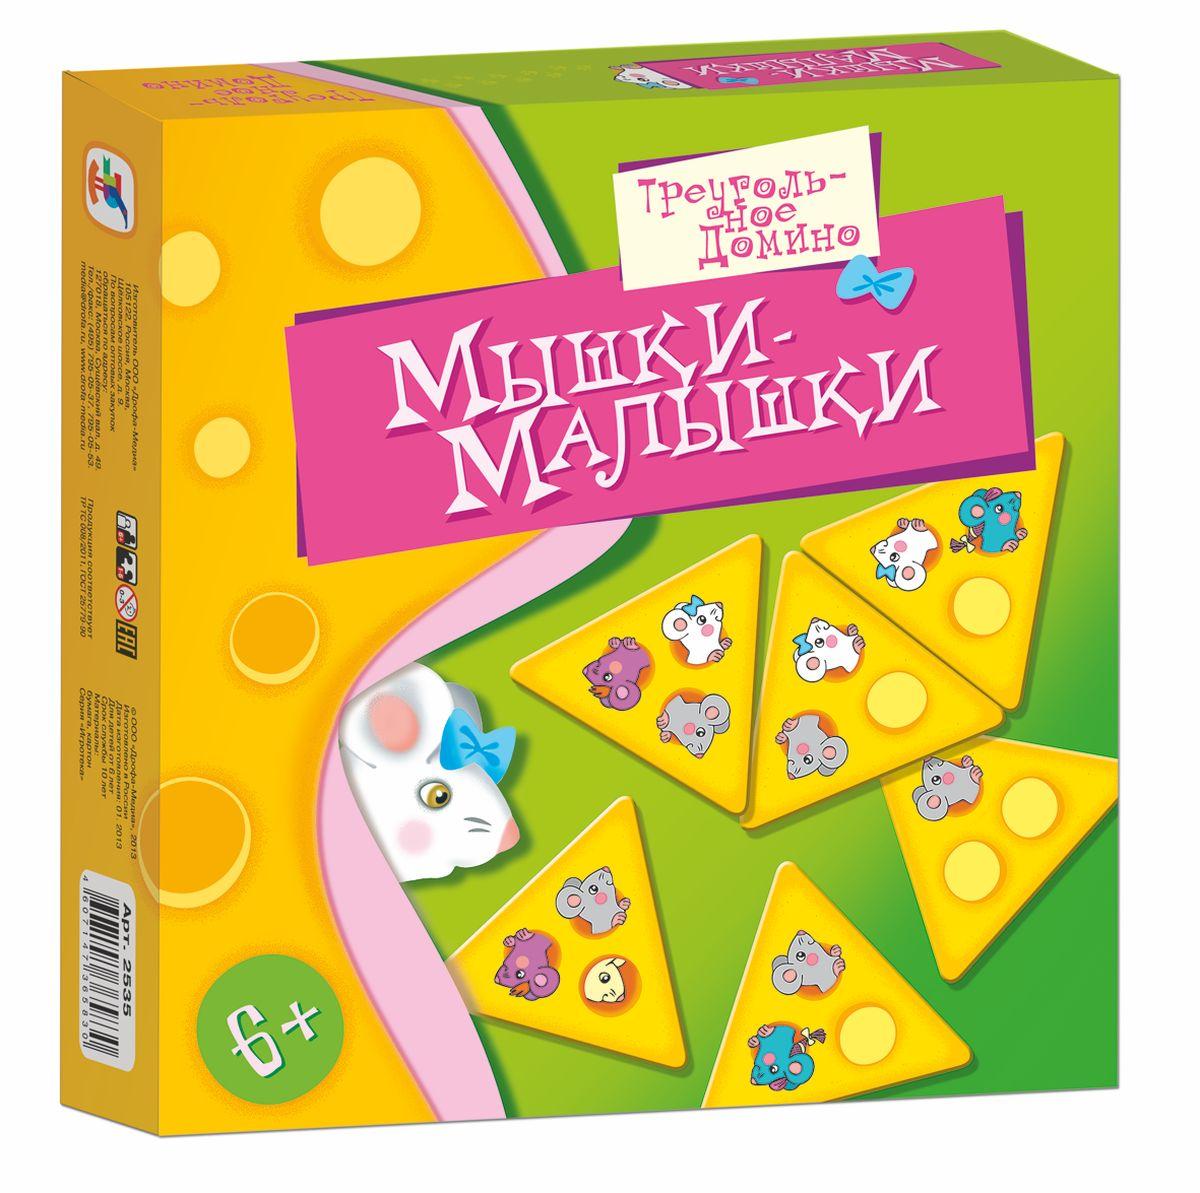 Дрофа-Медиа Обучающая игра Мышки-малышки2535Мышки-малышки очень любят прогрызать норки в сыре, в игре вам предстоит соединить их многочисленные ходы в один большой лабиринт. Игра-домино в необычном треугольном исполнении порадует как детей, так и взрослых, поможет весело провести досуг, развивает логическое мышление, наблюдательность.